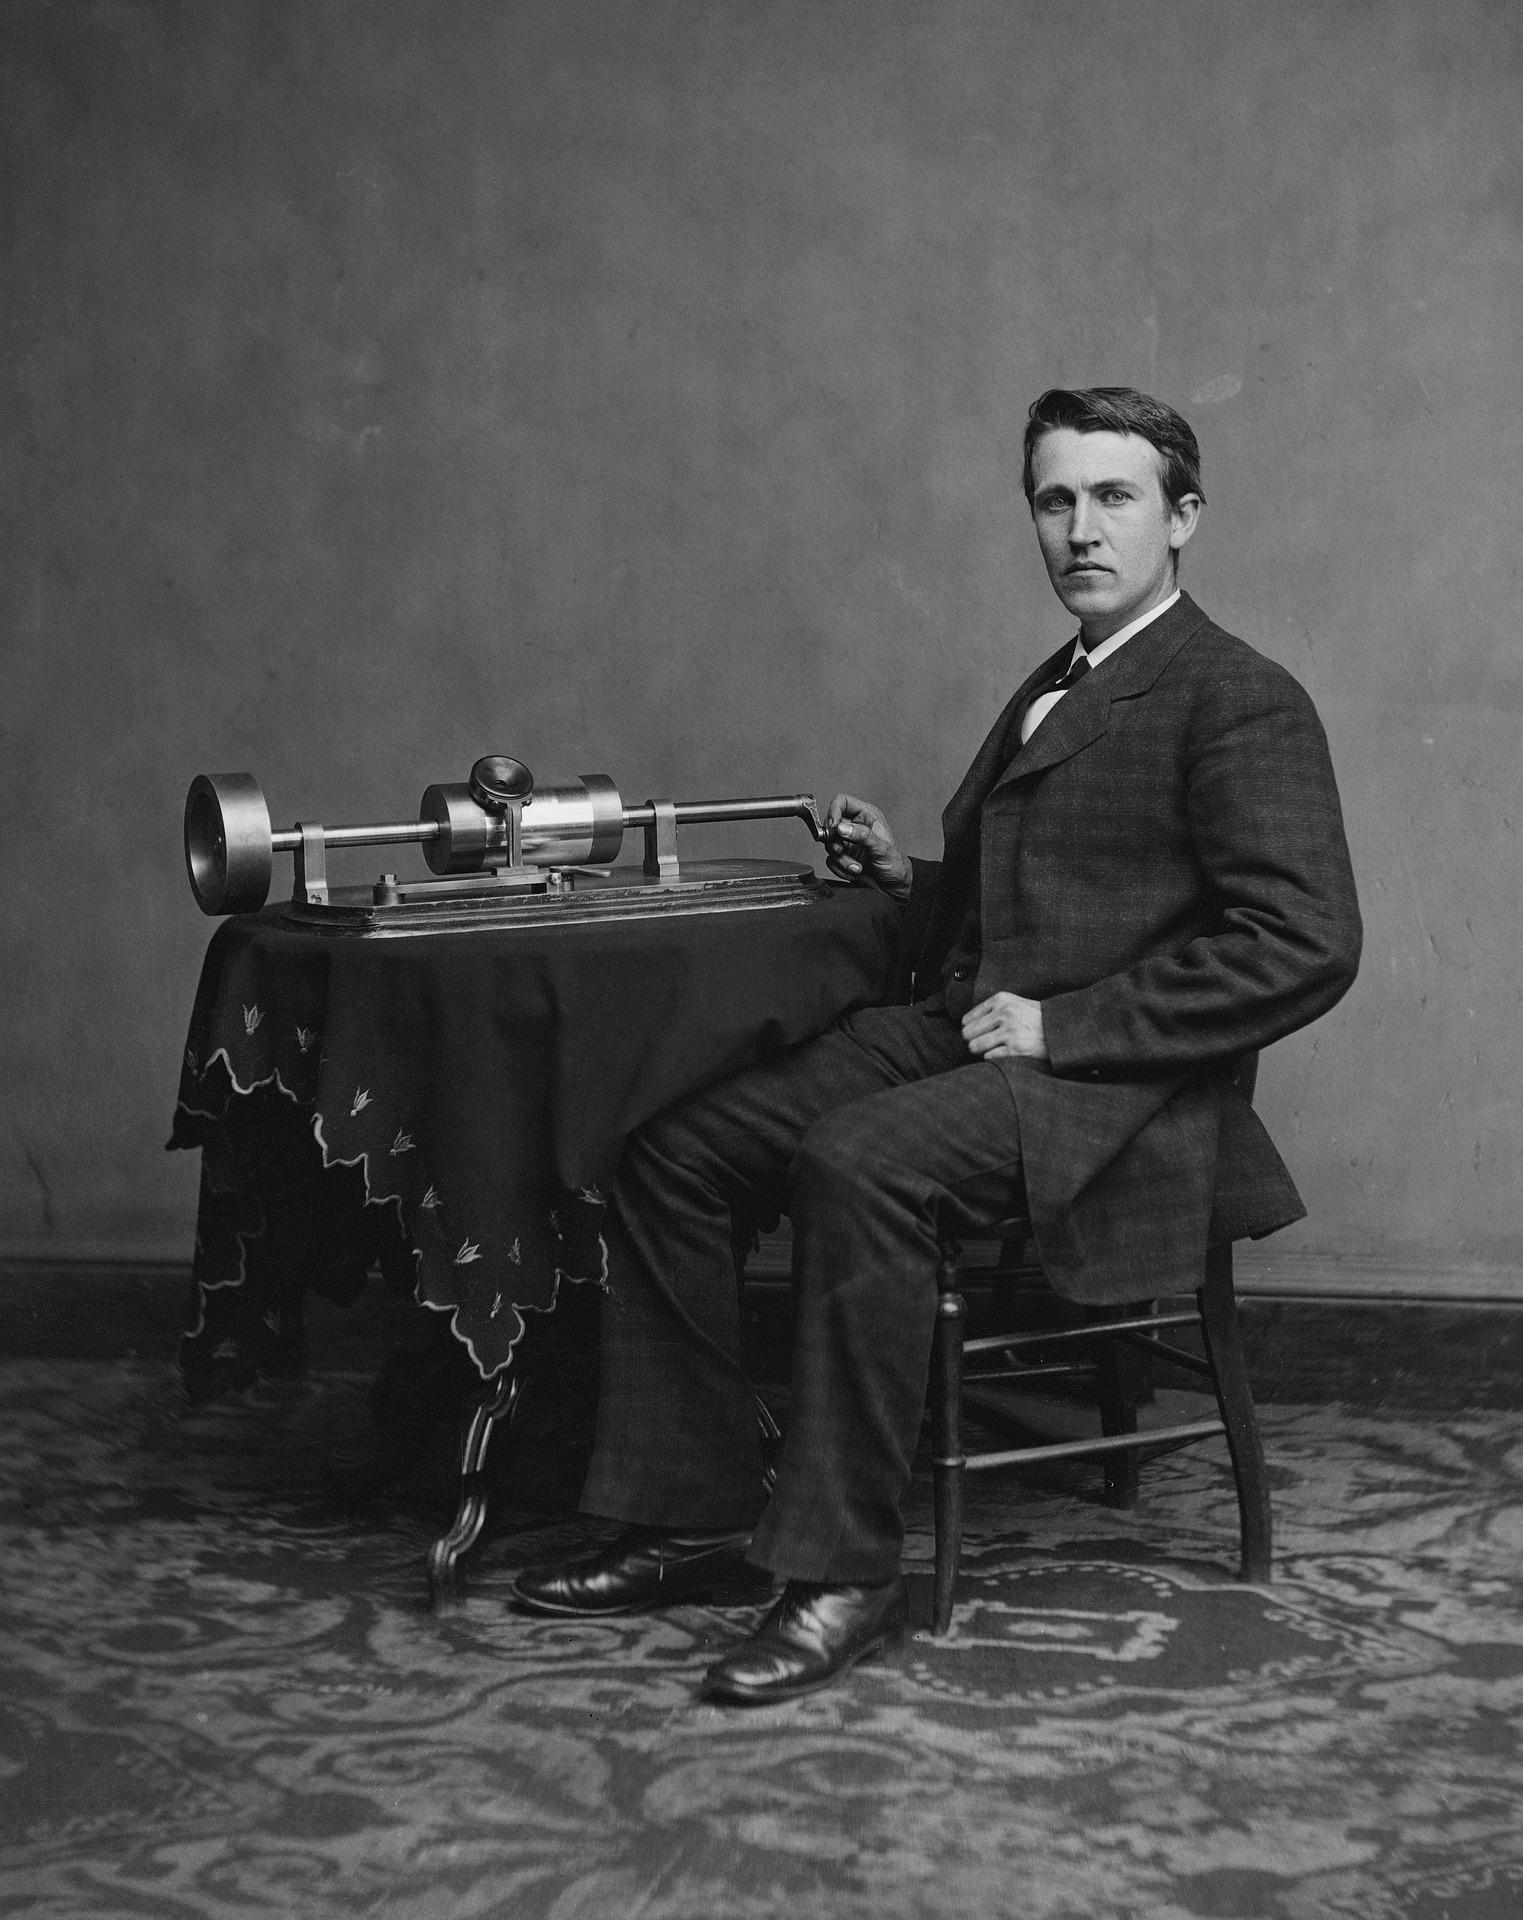 Fotografia Thomasa Edisona z jego fonografem z 1878 roku. Na zdjęciu model drugi wynalazku. Służył do zapisywania i odtwarzania dźwięku. (fot. pixabay.com/domena publiczna)